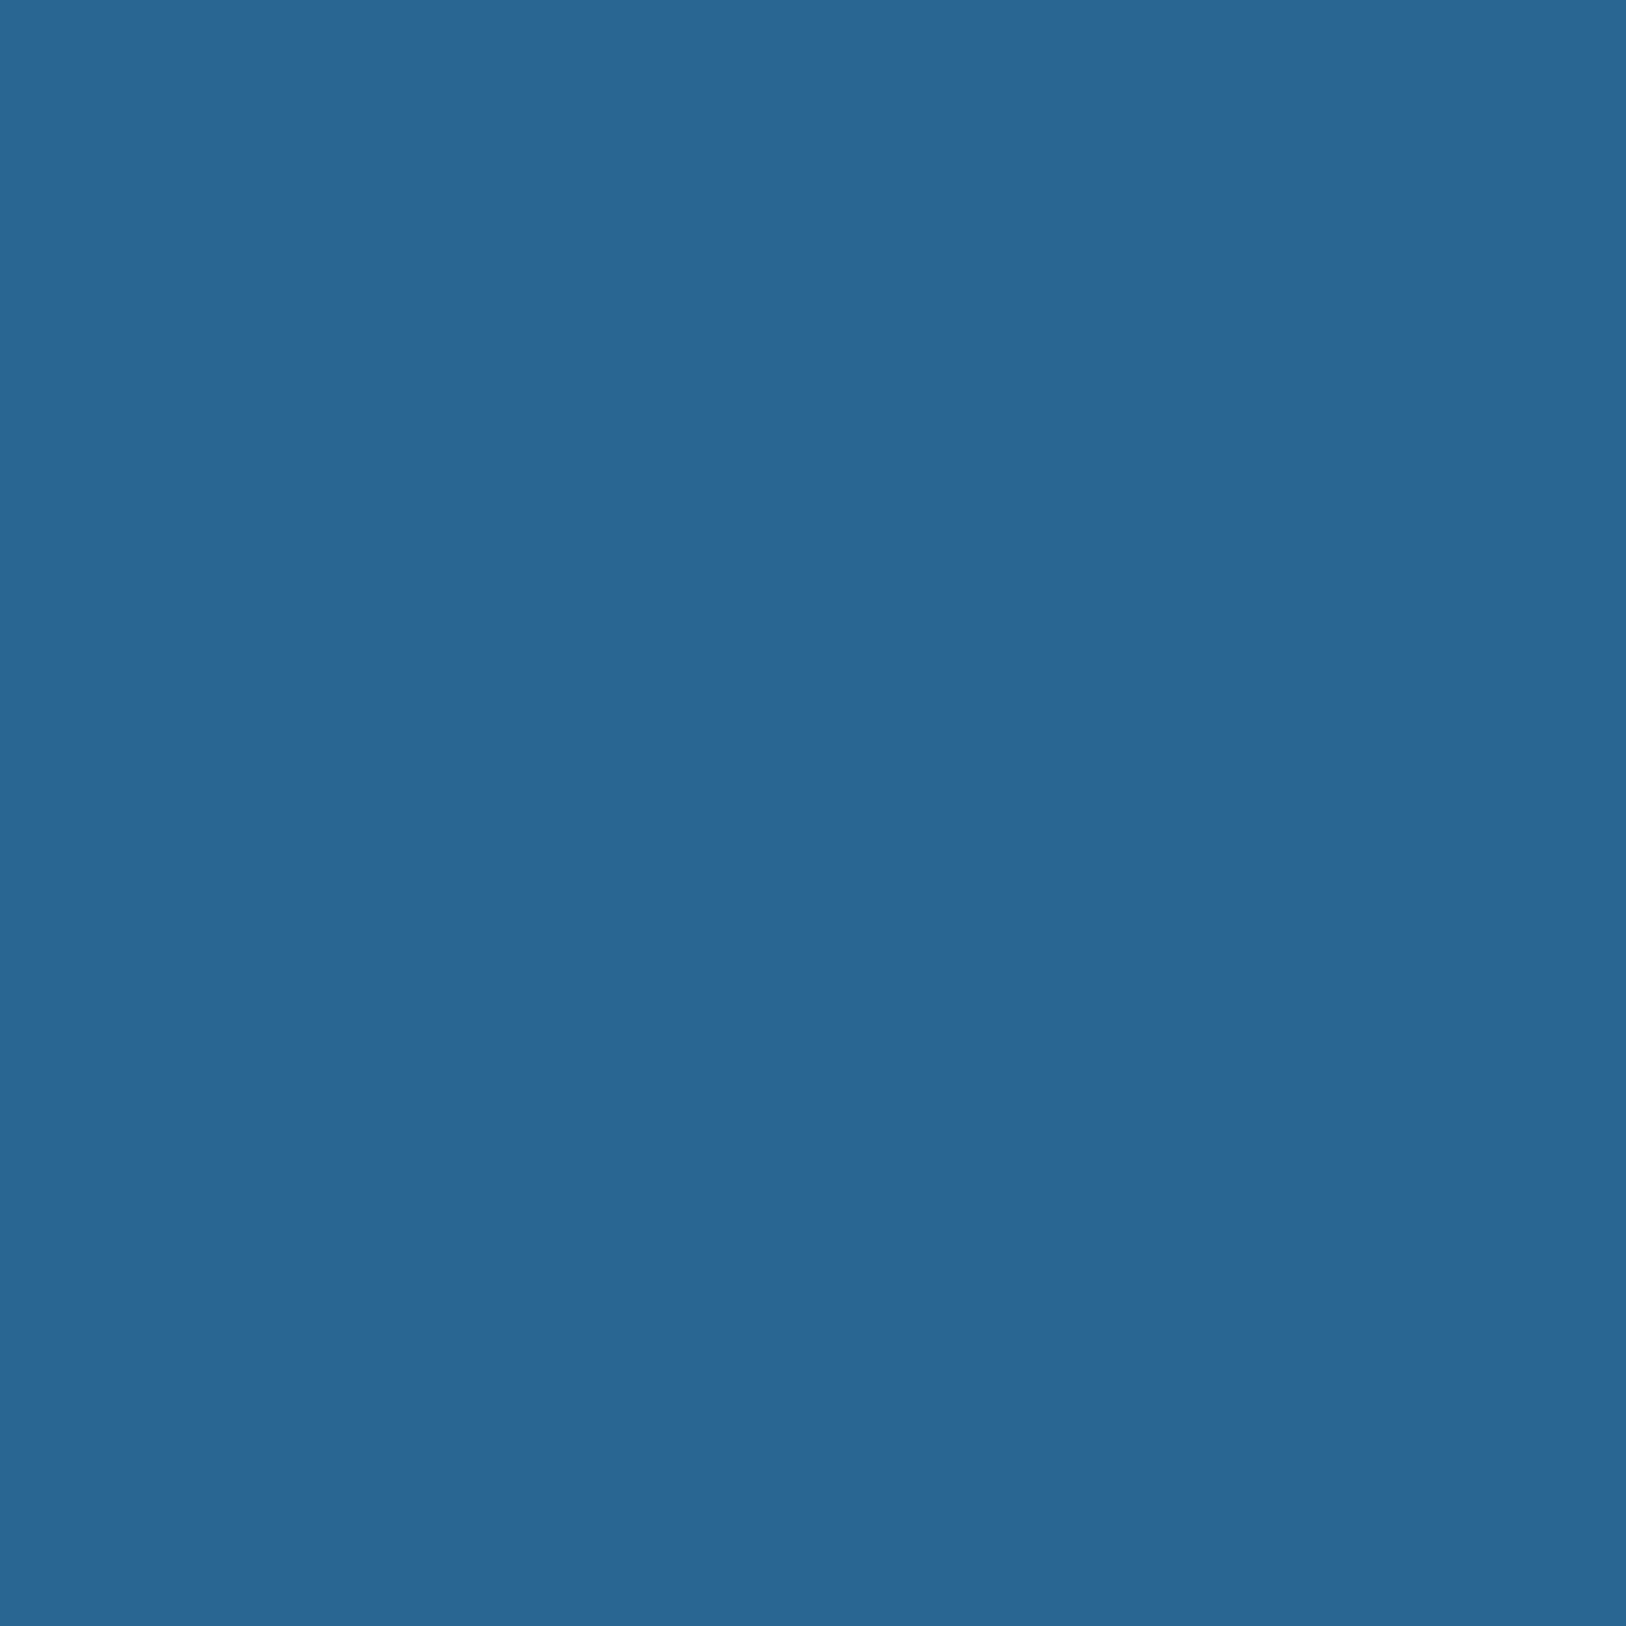 1626x1626 Bacau Plain Blue Wallpaper.  Các phòng ban.  DIY tại B&Q